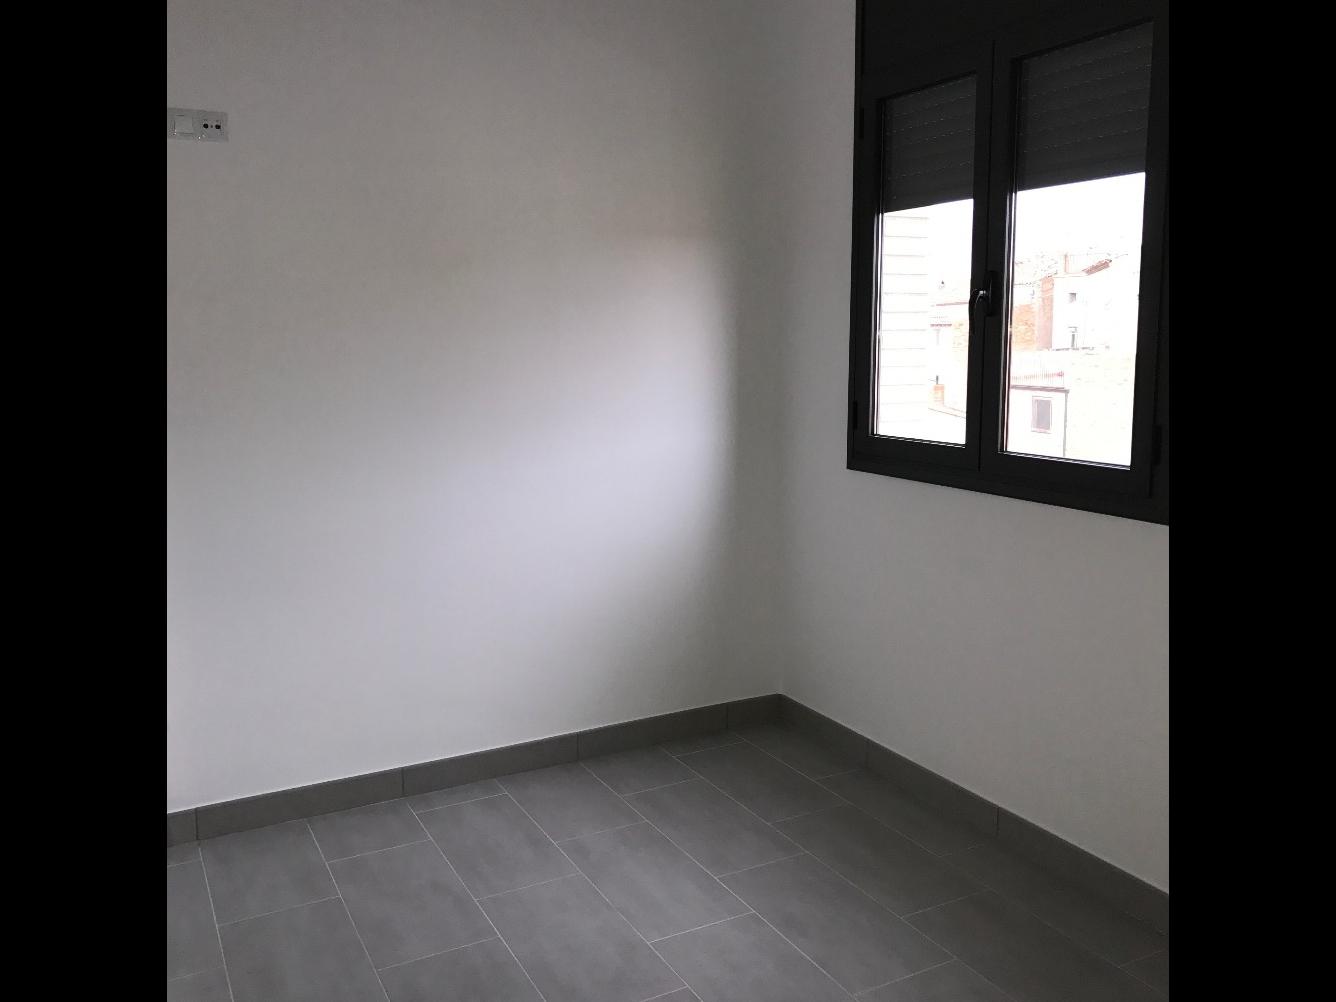 Pis  De la bassa. Dúplex en venta en Artesa de Lleida, en excelentes condiciones,